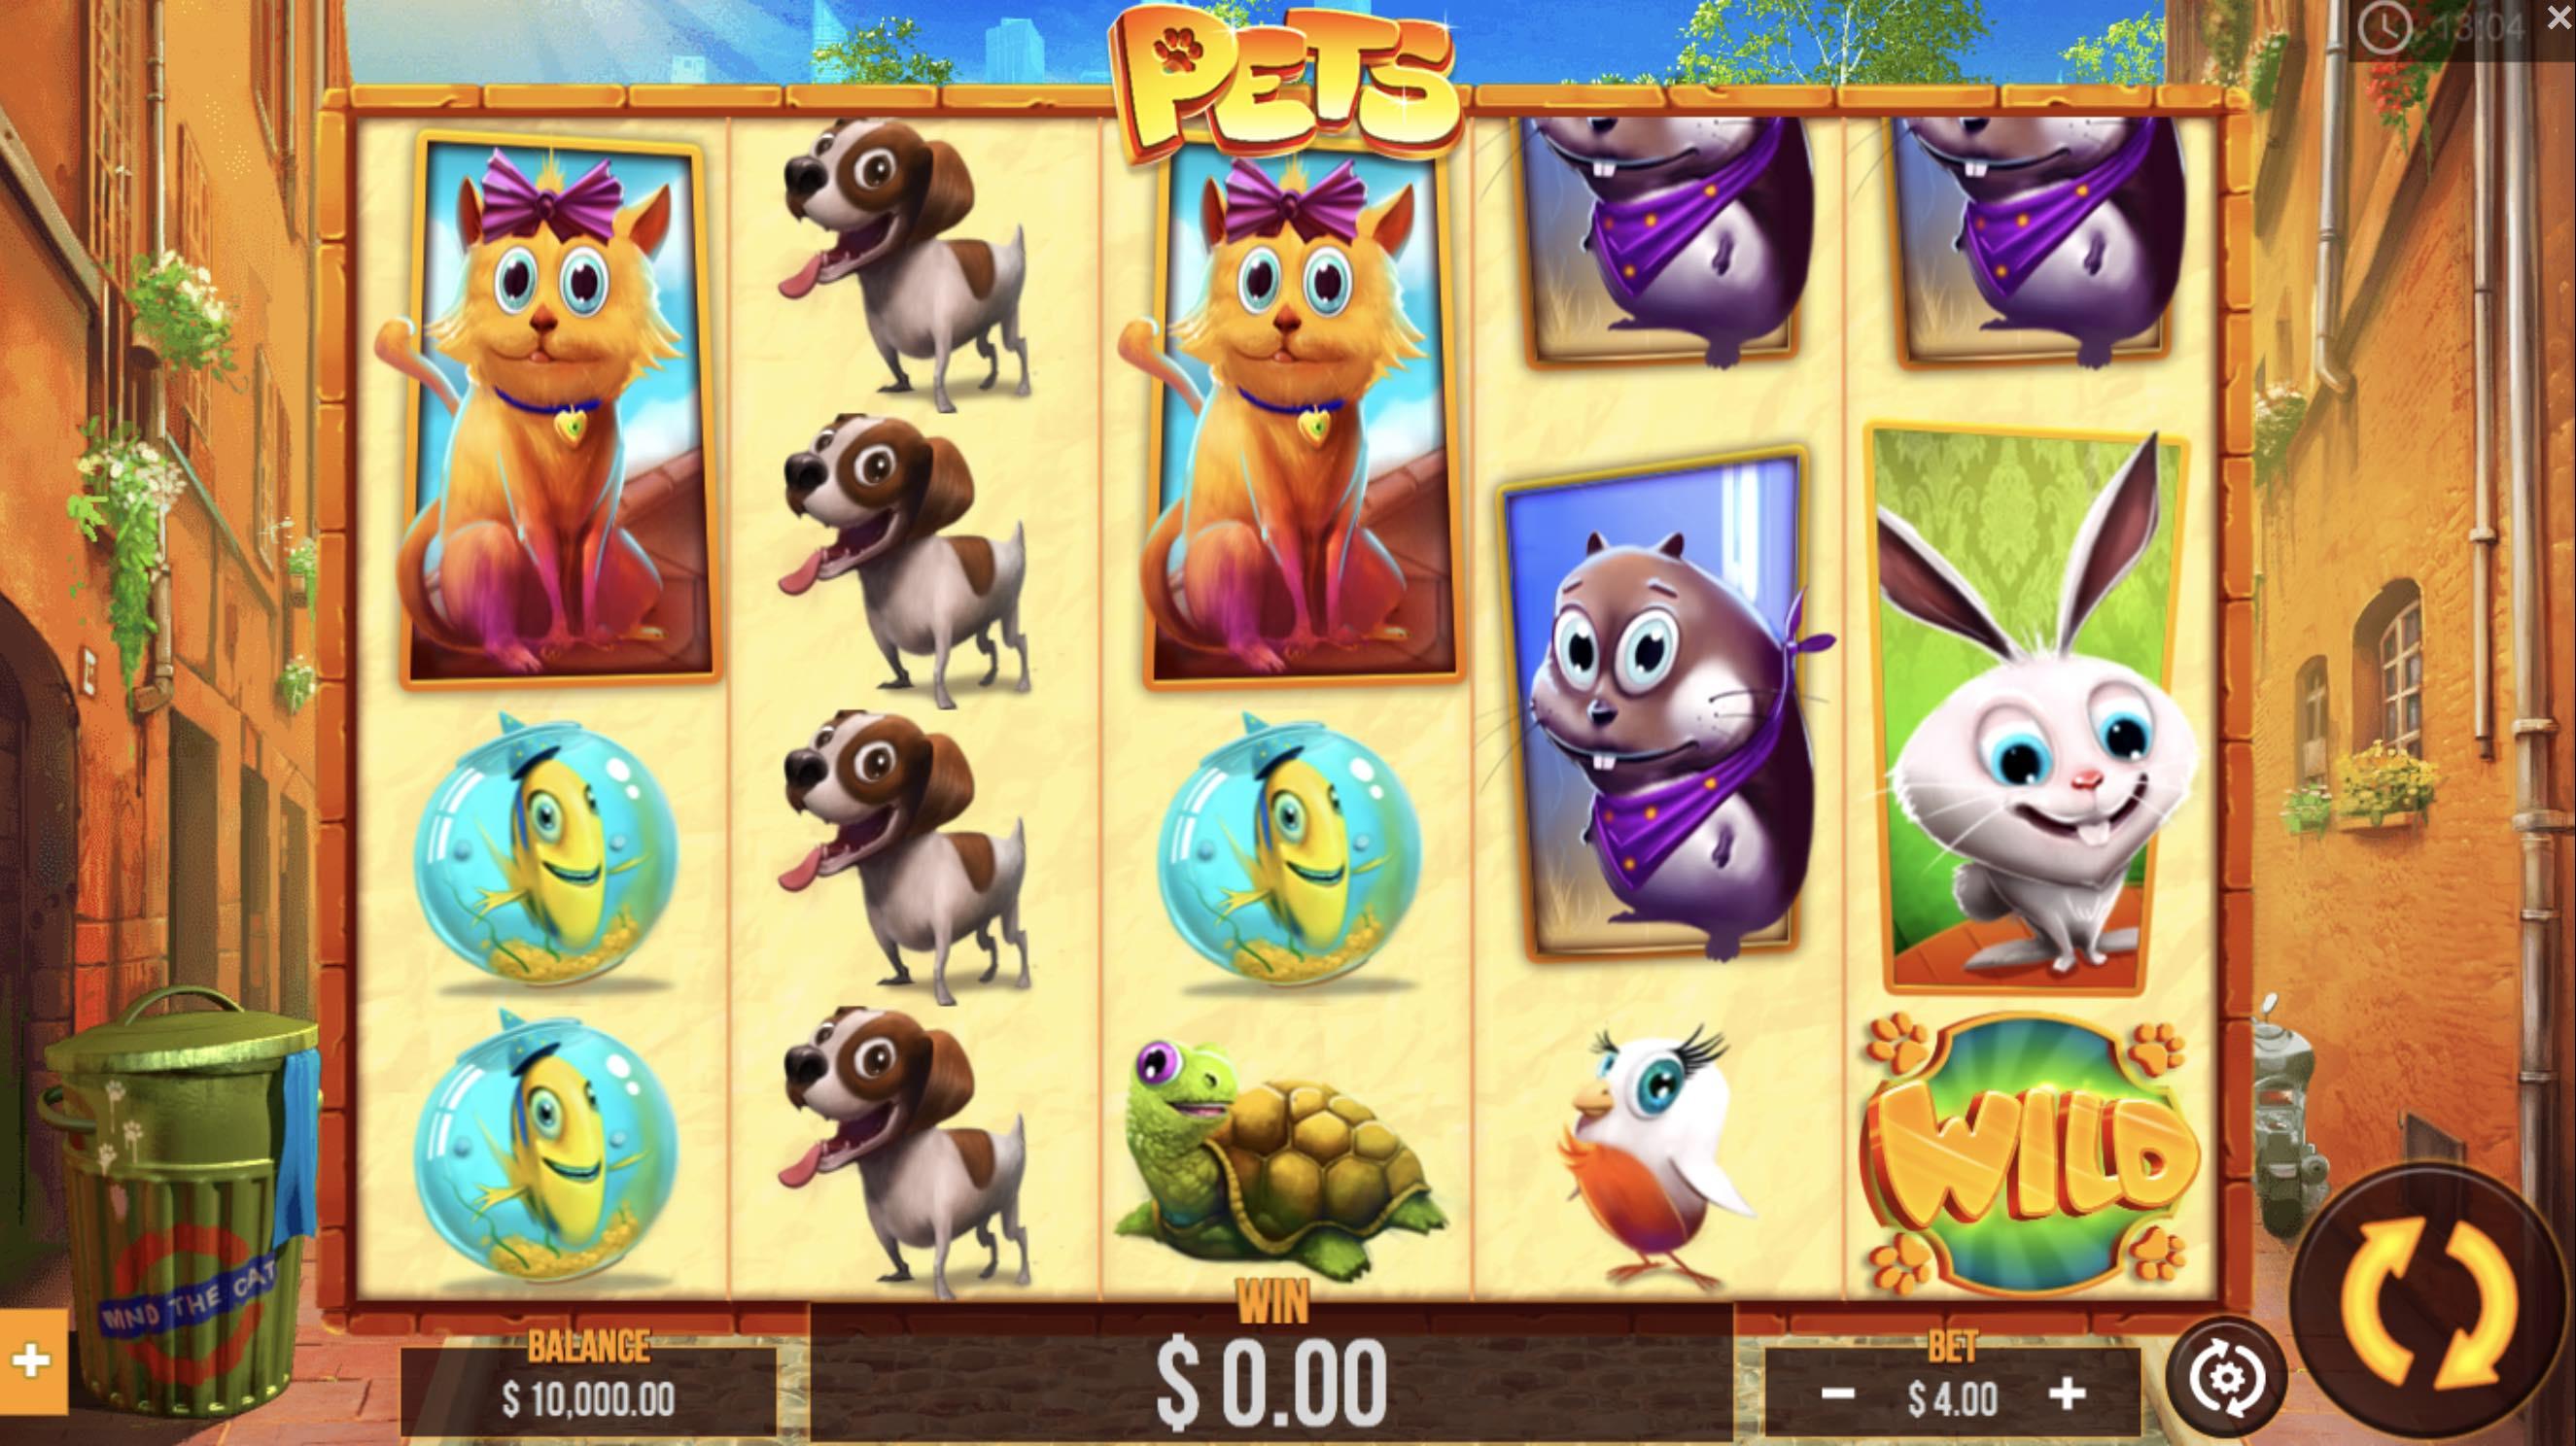 Pets slots gameplay